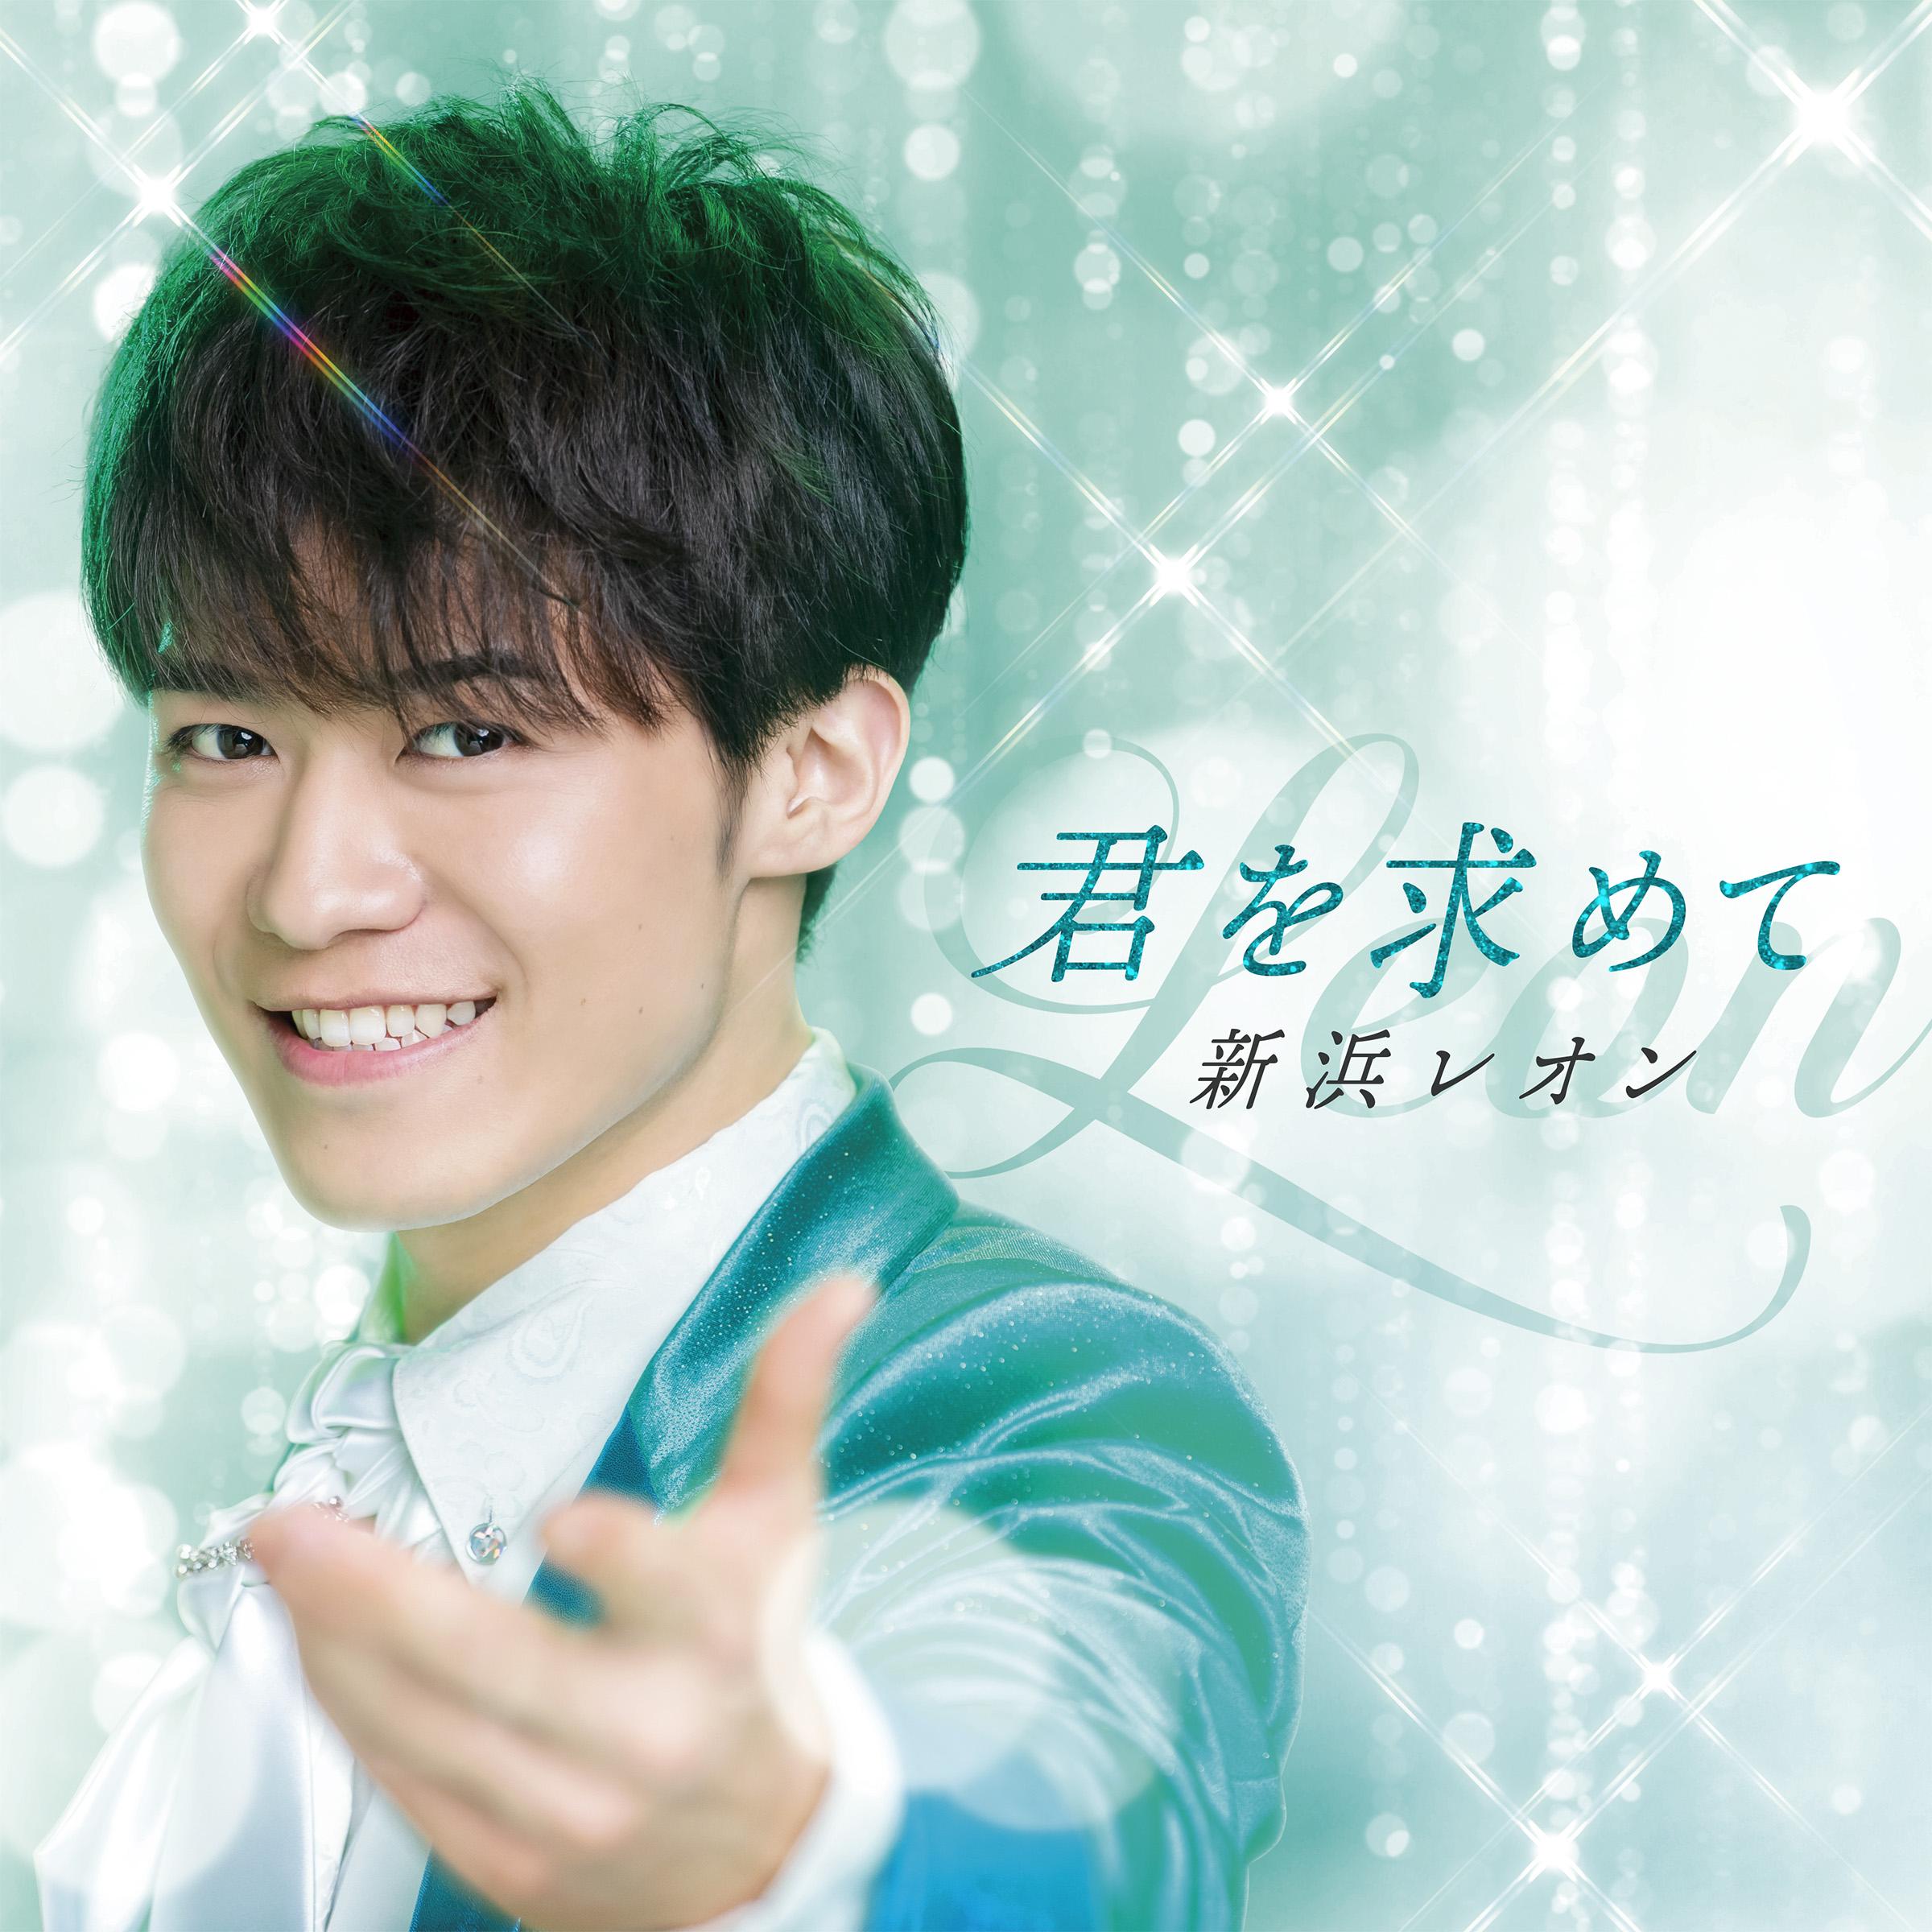 新浜レオン、配信シングル「君を求めて」5月1日リリース決定